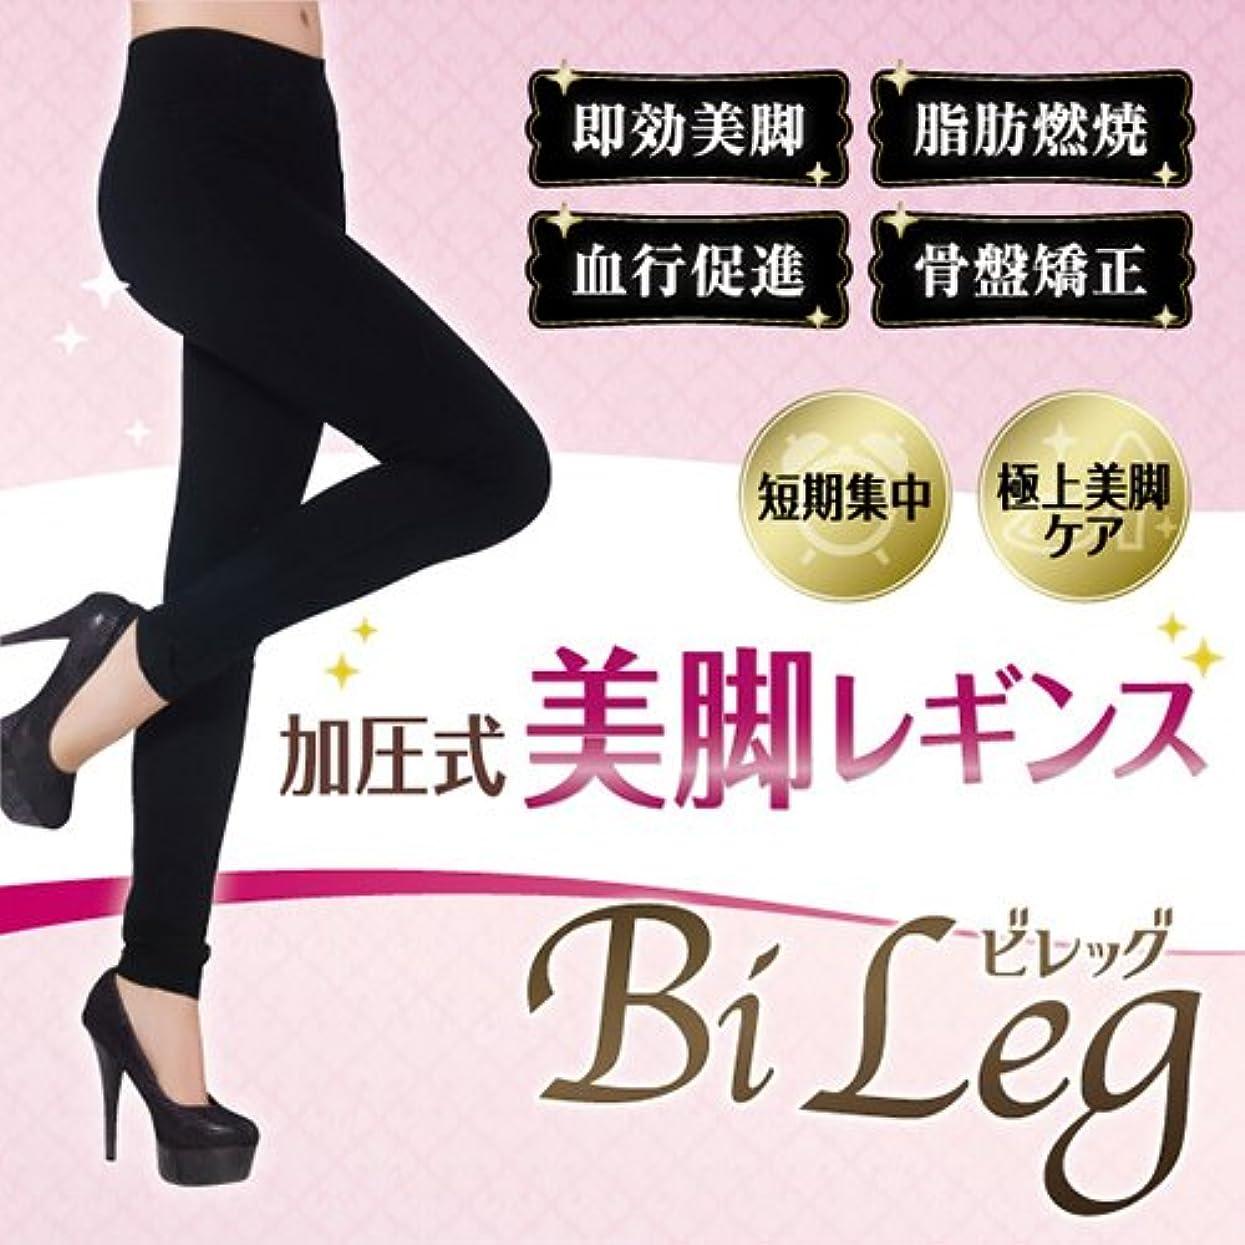 これら掻くガウン【送料無料3個セット】Bi Leg-ビレッグ-